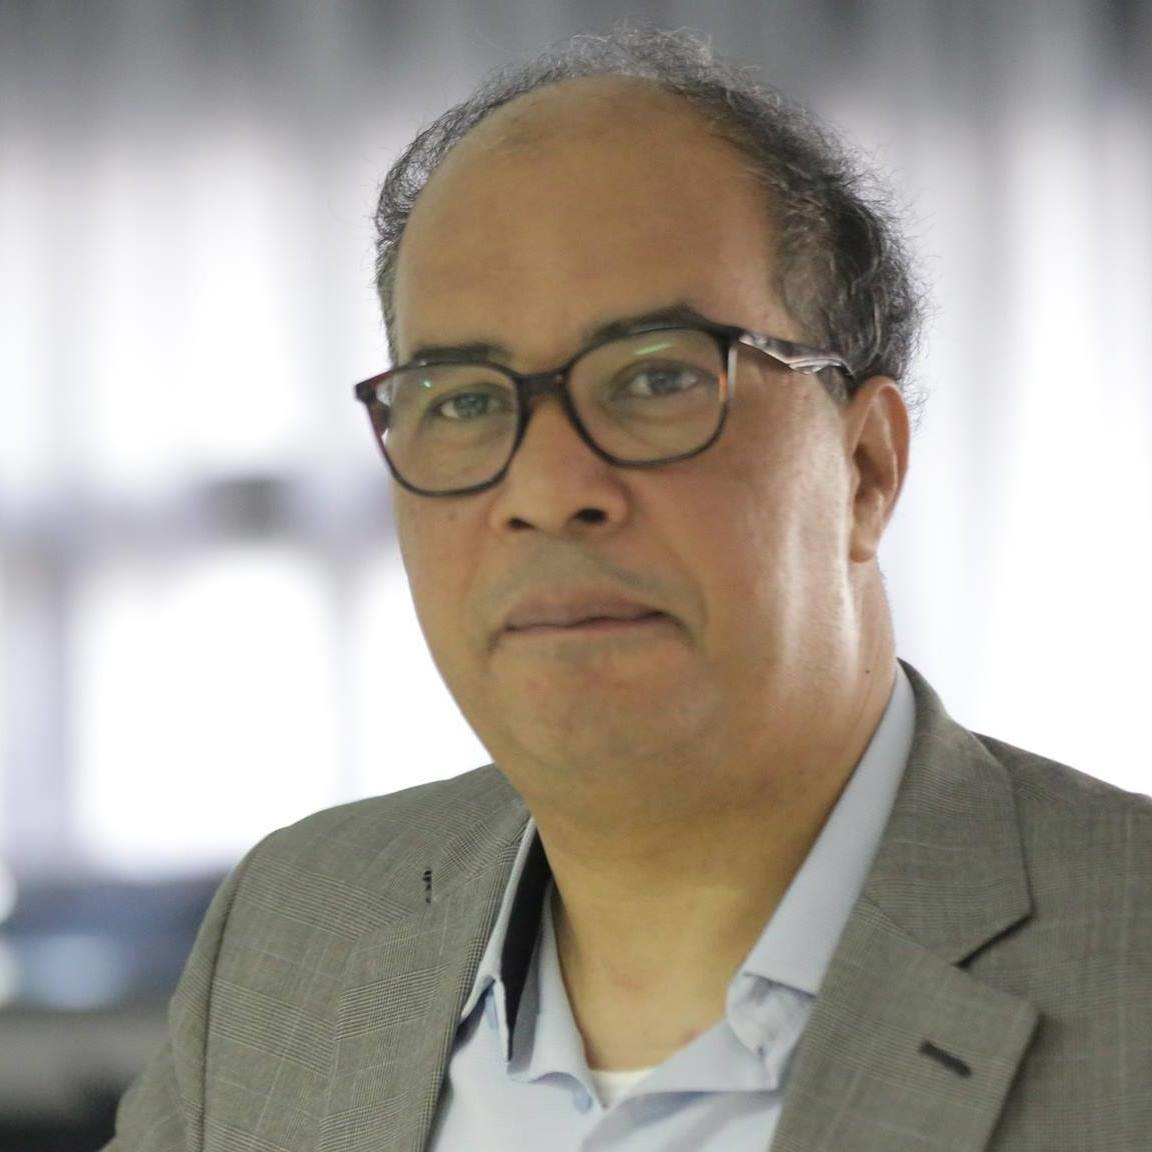 سعيد ناشيد: الإسلام السياسي خرّب الفكر الديني | Maghrebvoices